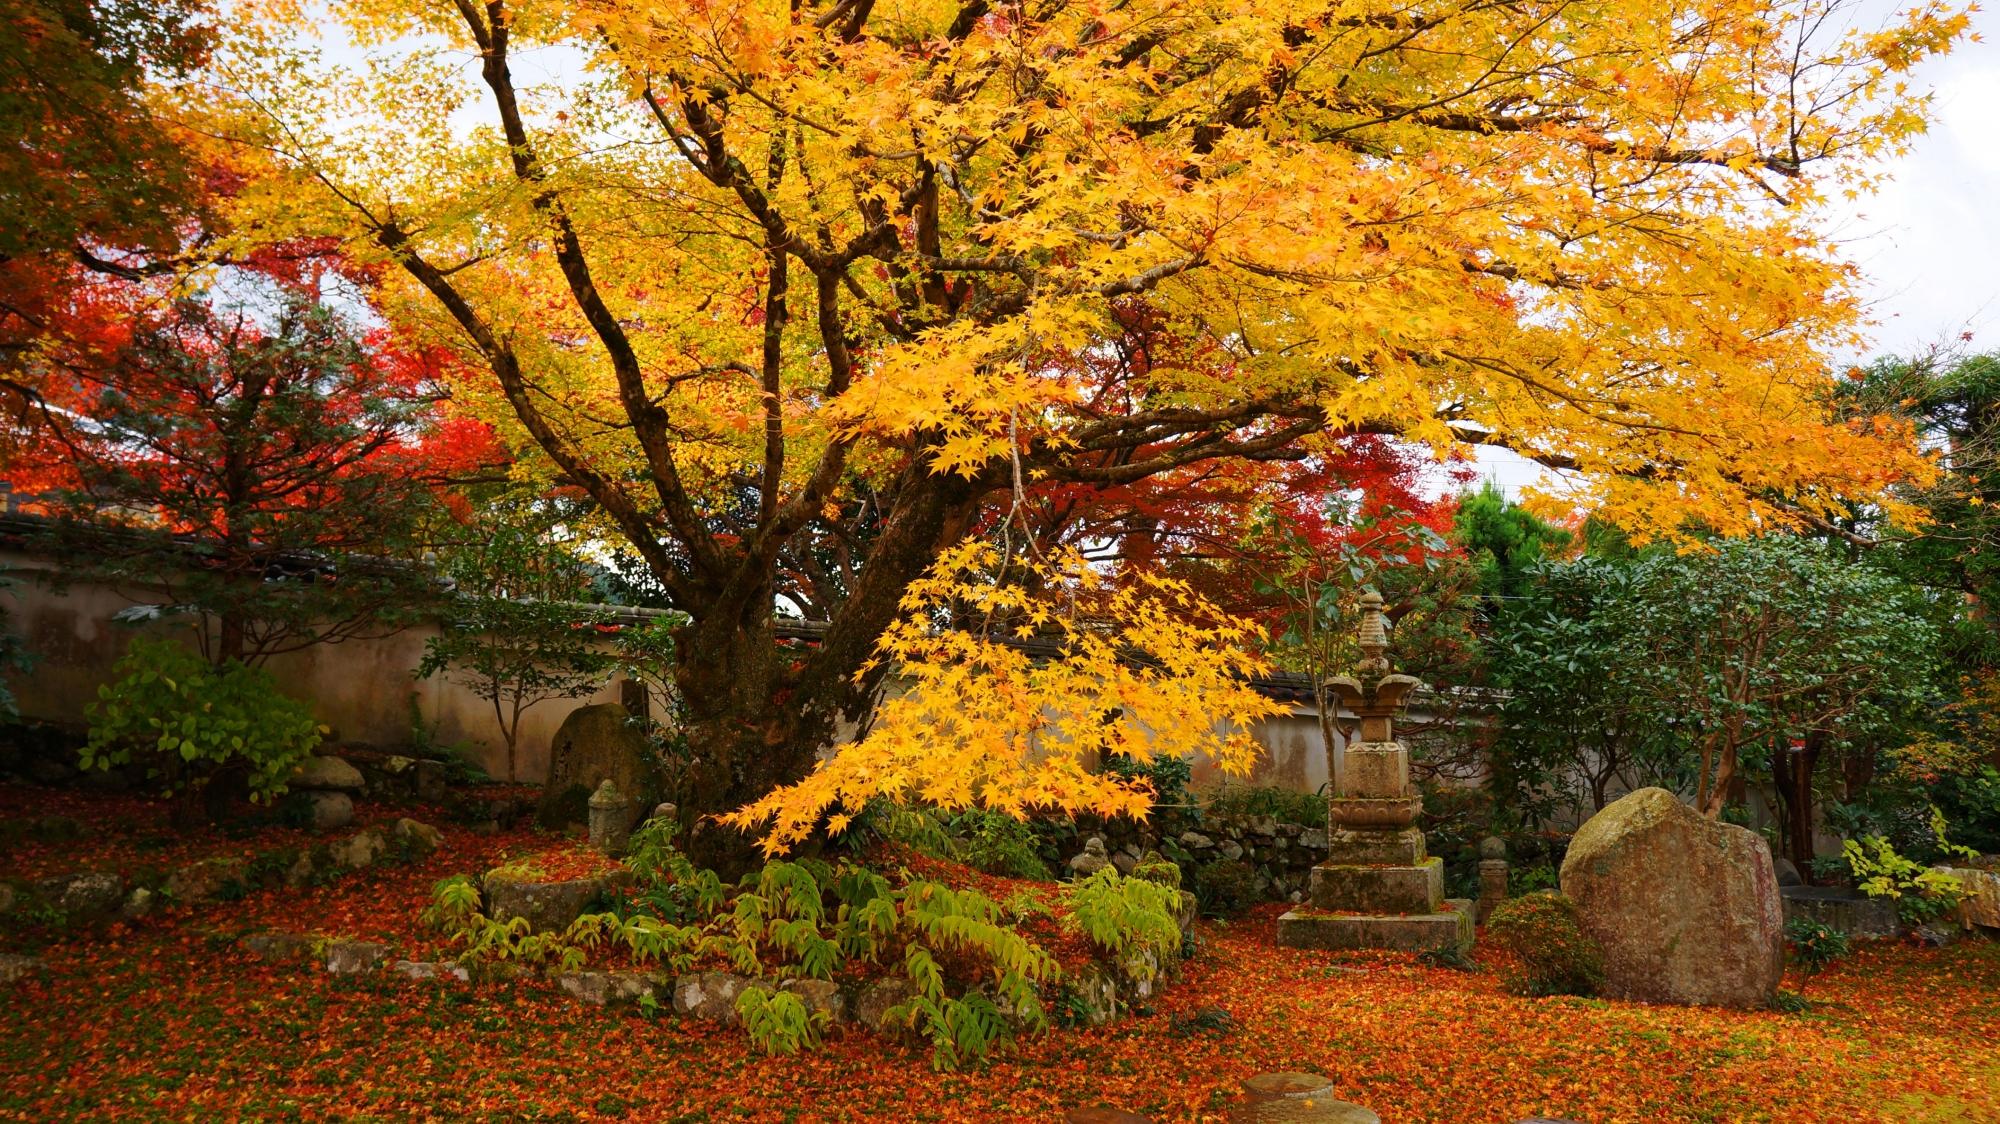 色とりどりの紅葉につつまれる実光院の庭園